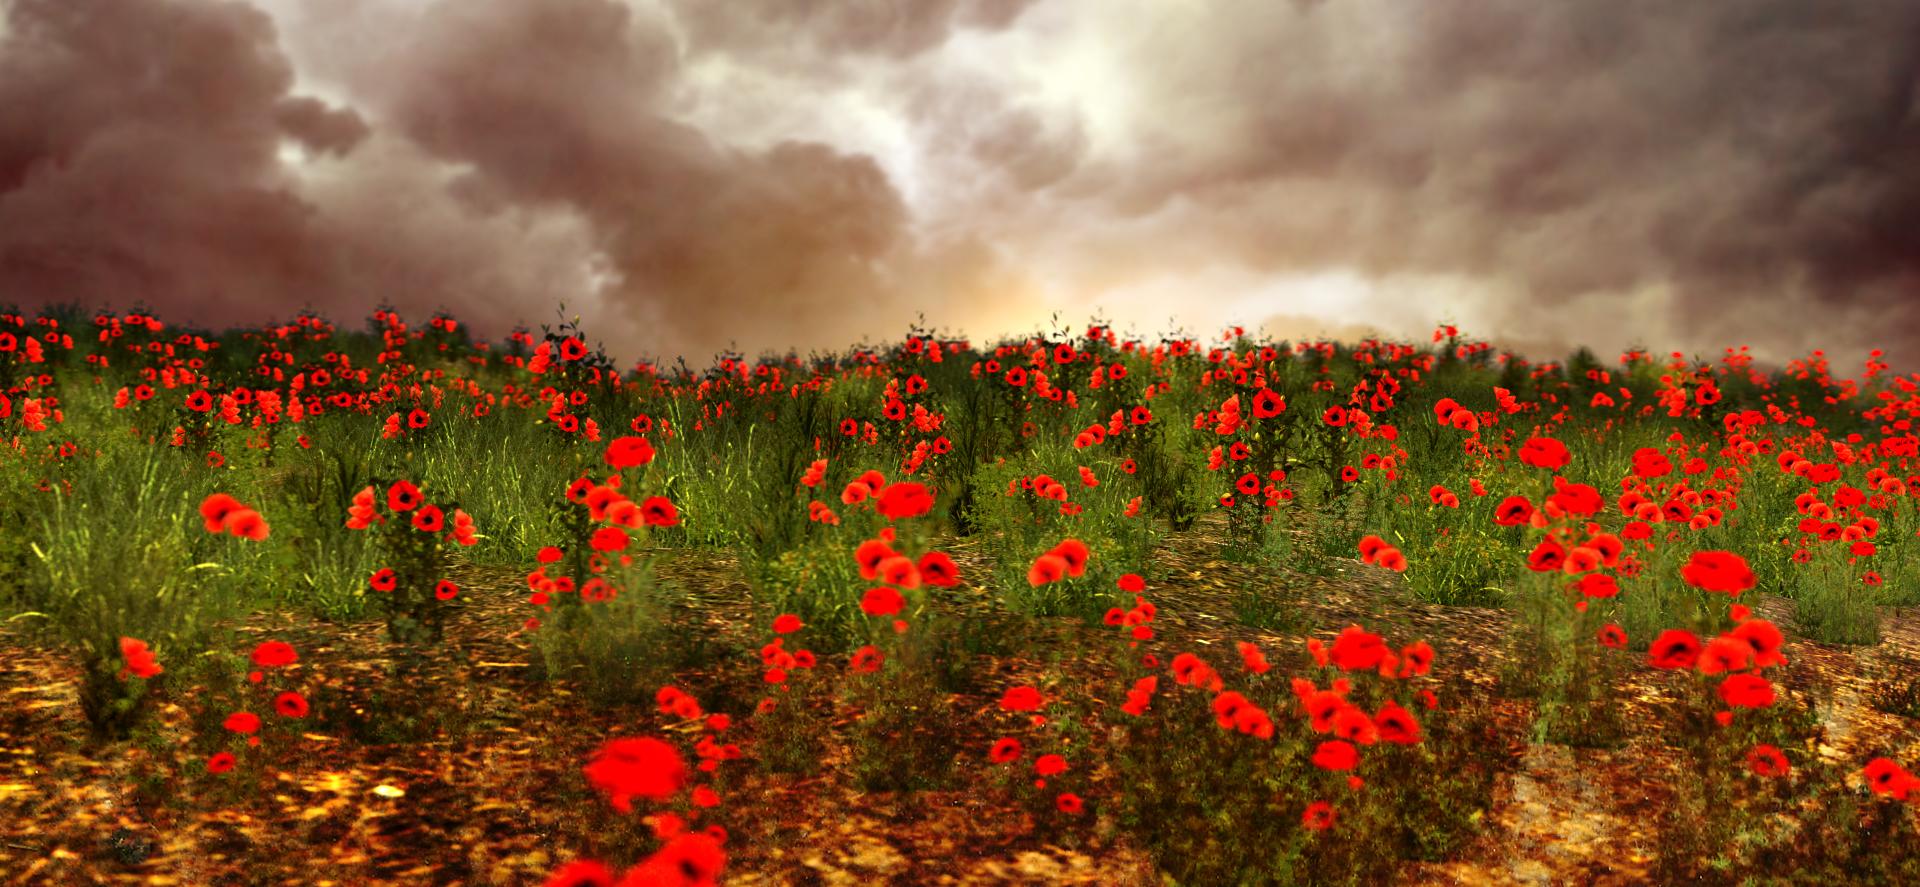 Poppy Flower Field - Of Secrets